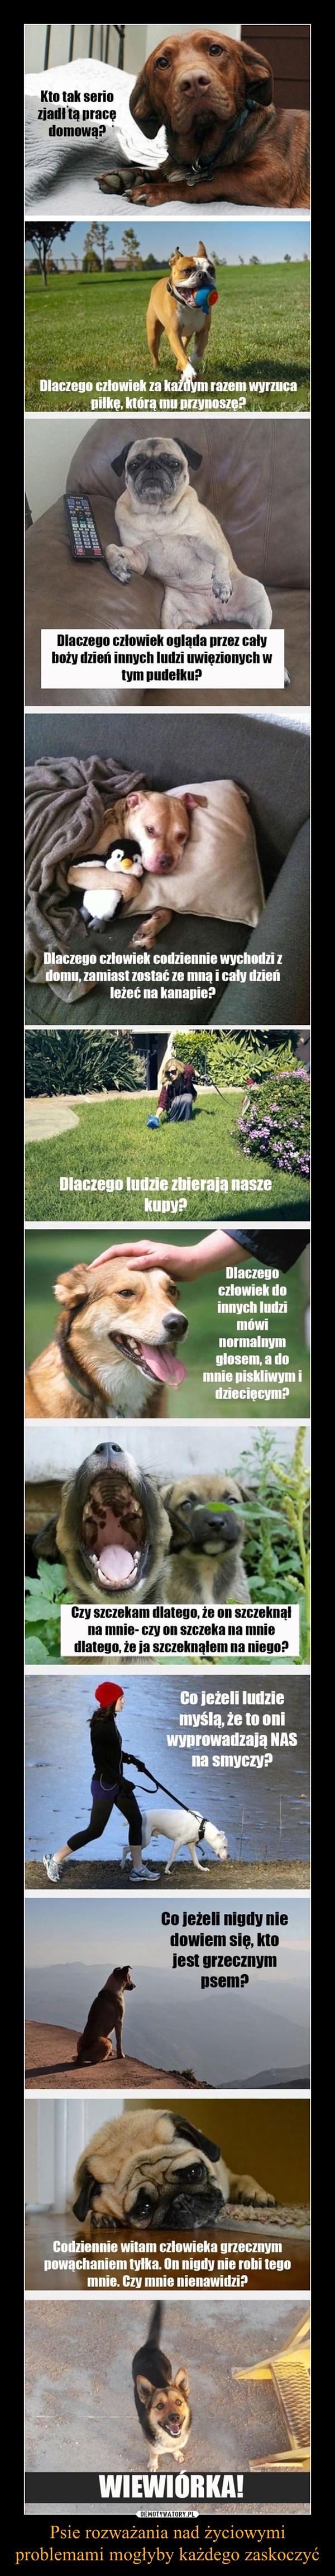 Psie rozważania nad życiowymi problemami mogłyby każdego zaskoczyć –